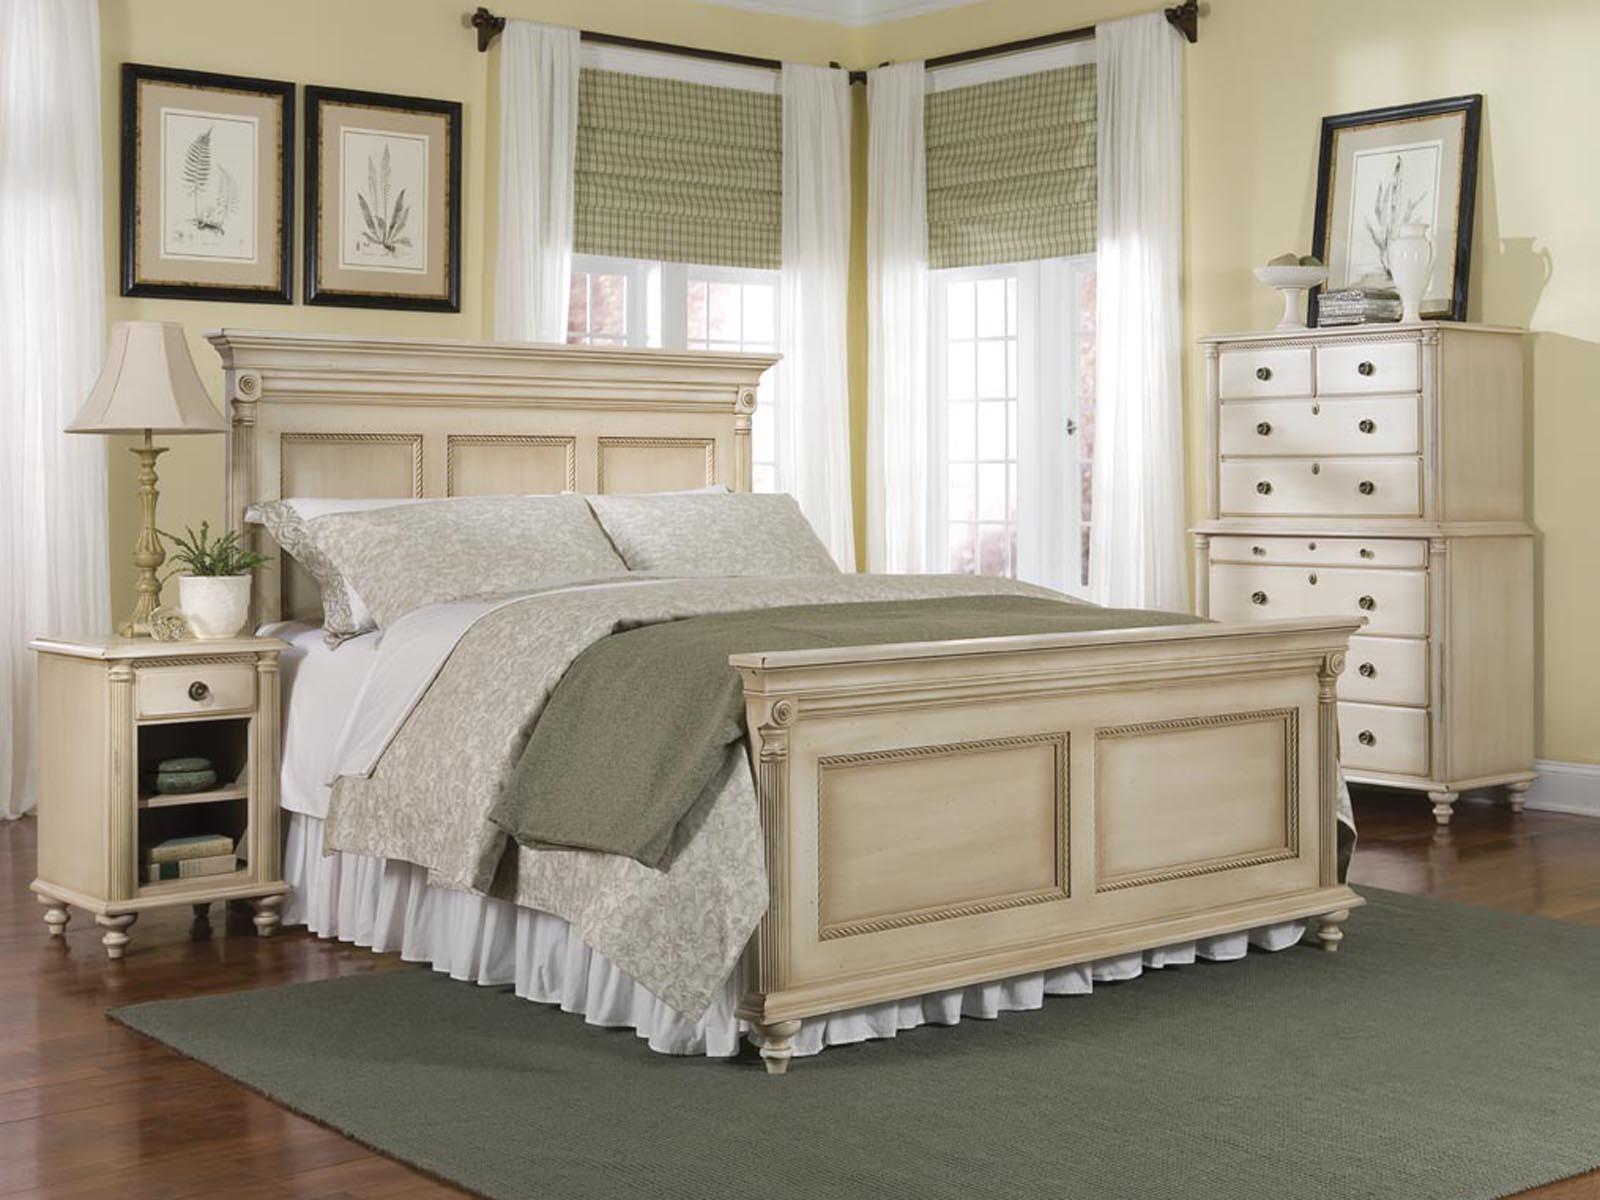 Durham Furniture Savile Row Panel Bedroom Set in Antique Cream